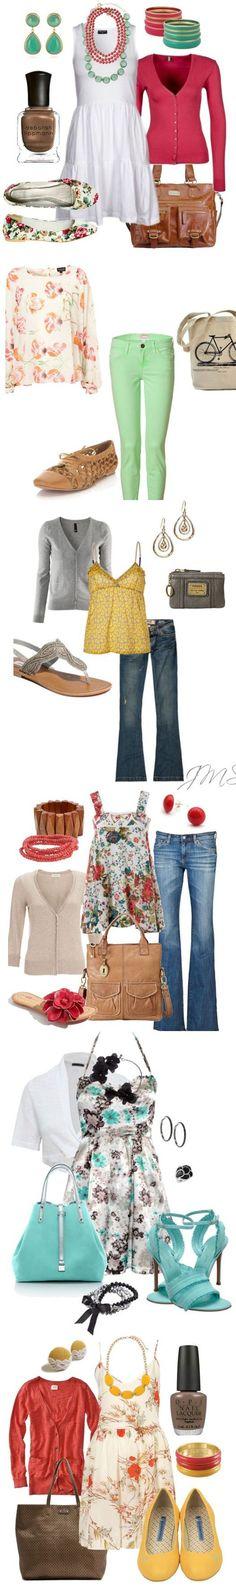 Florals spring fashion